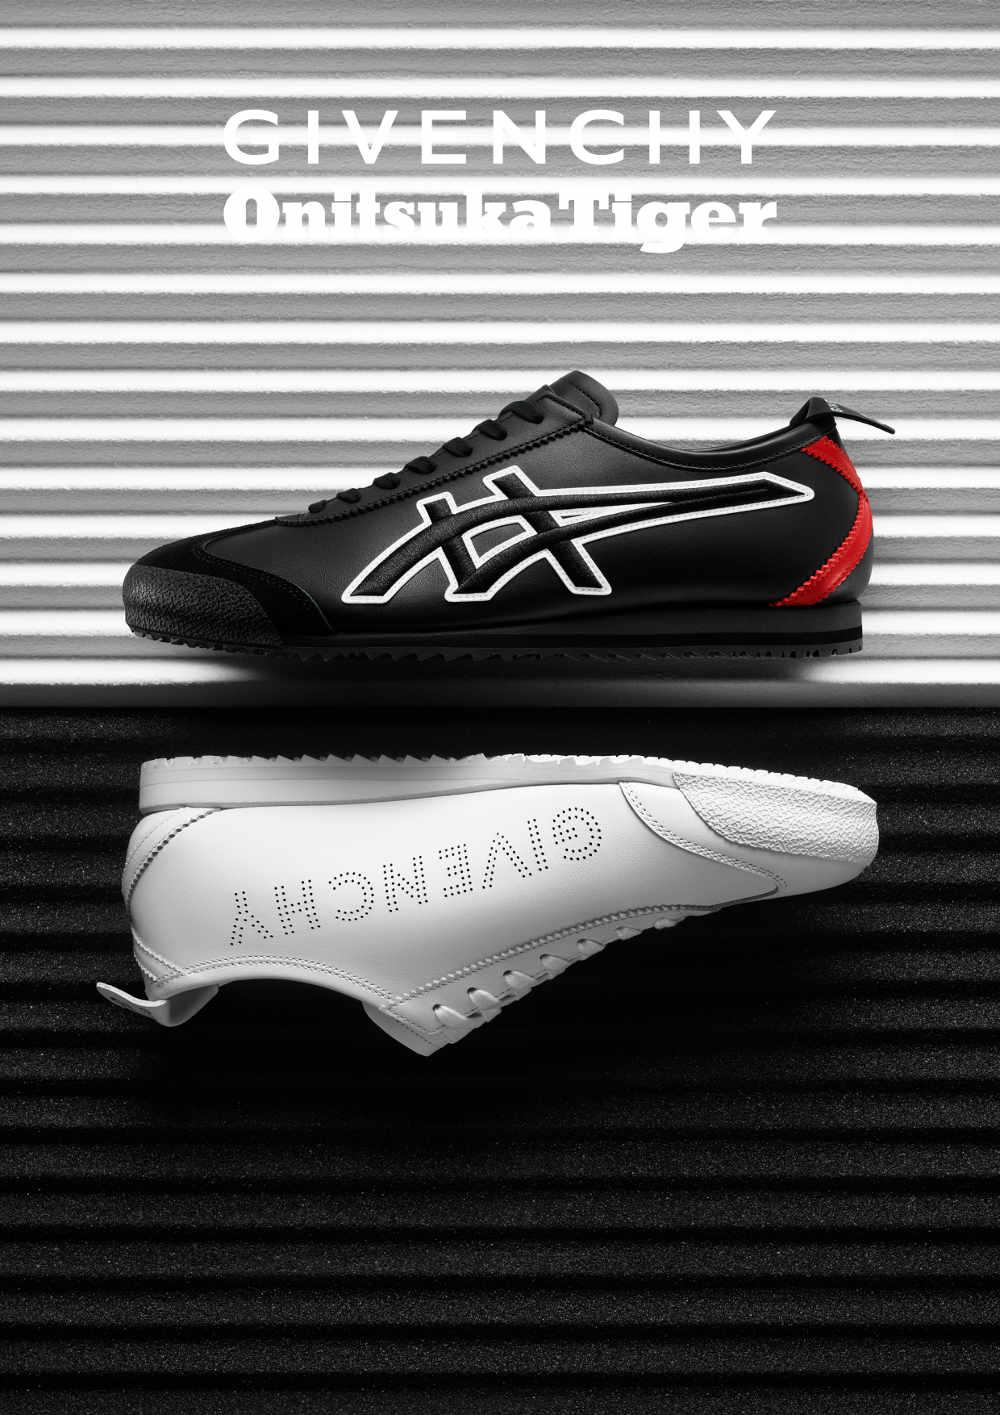 Wajib Punya: Sepatu Sneakers Givenchy x Onitsuka Tiger